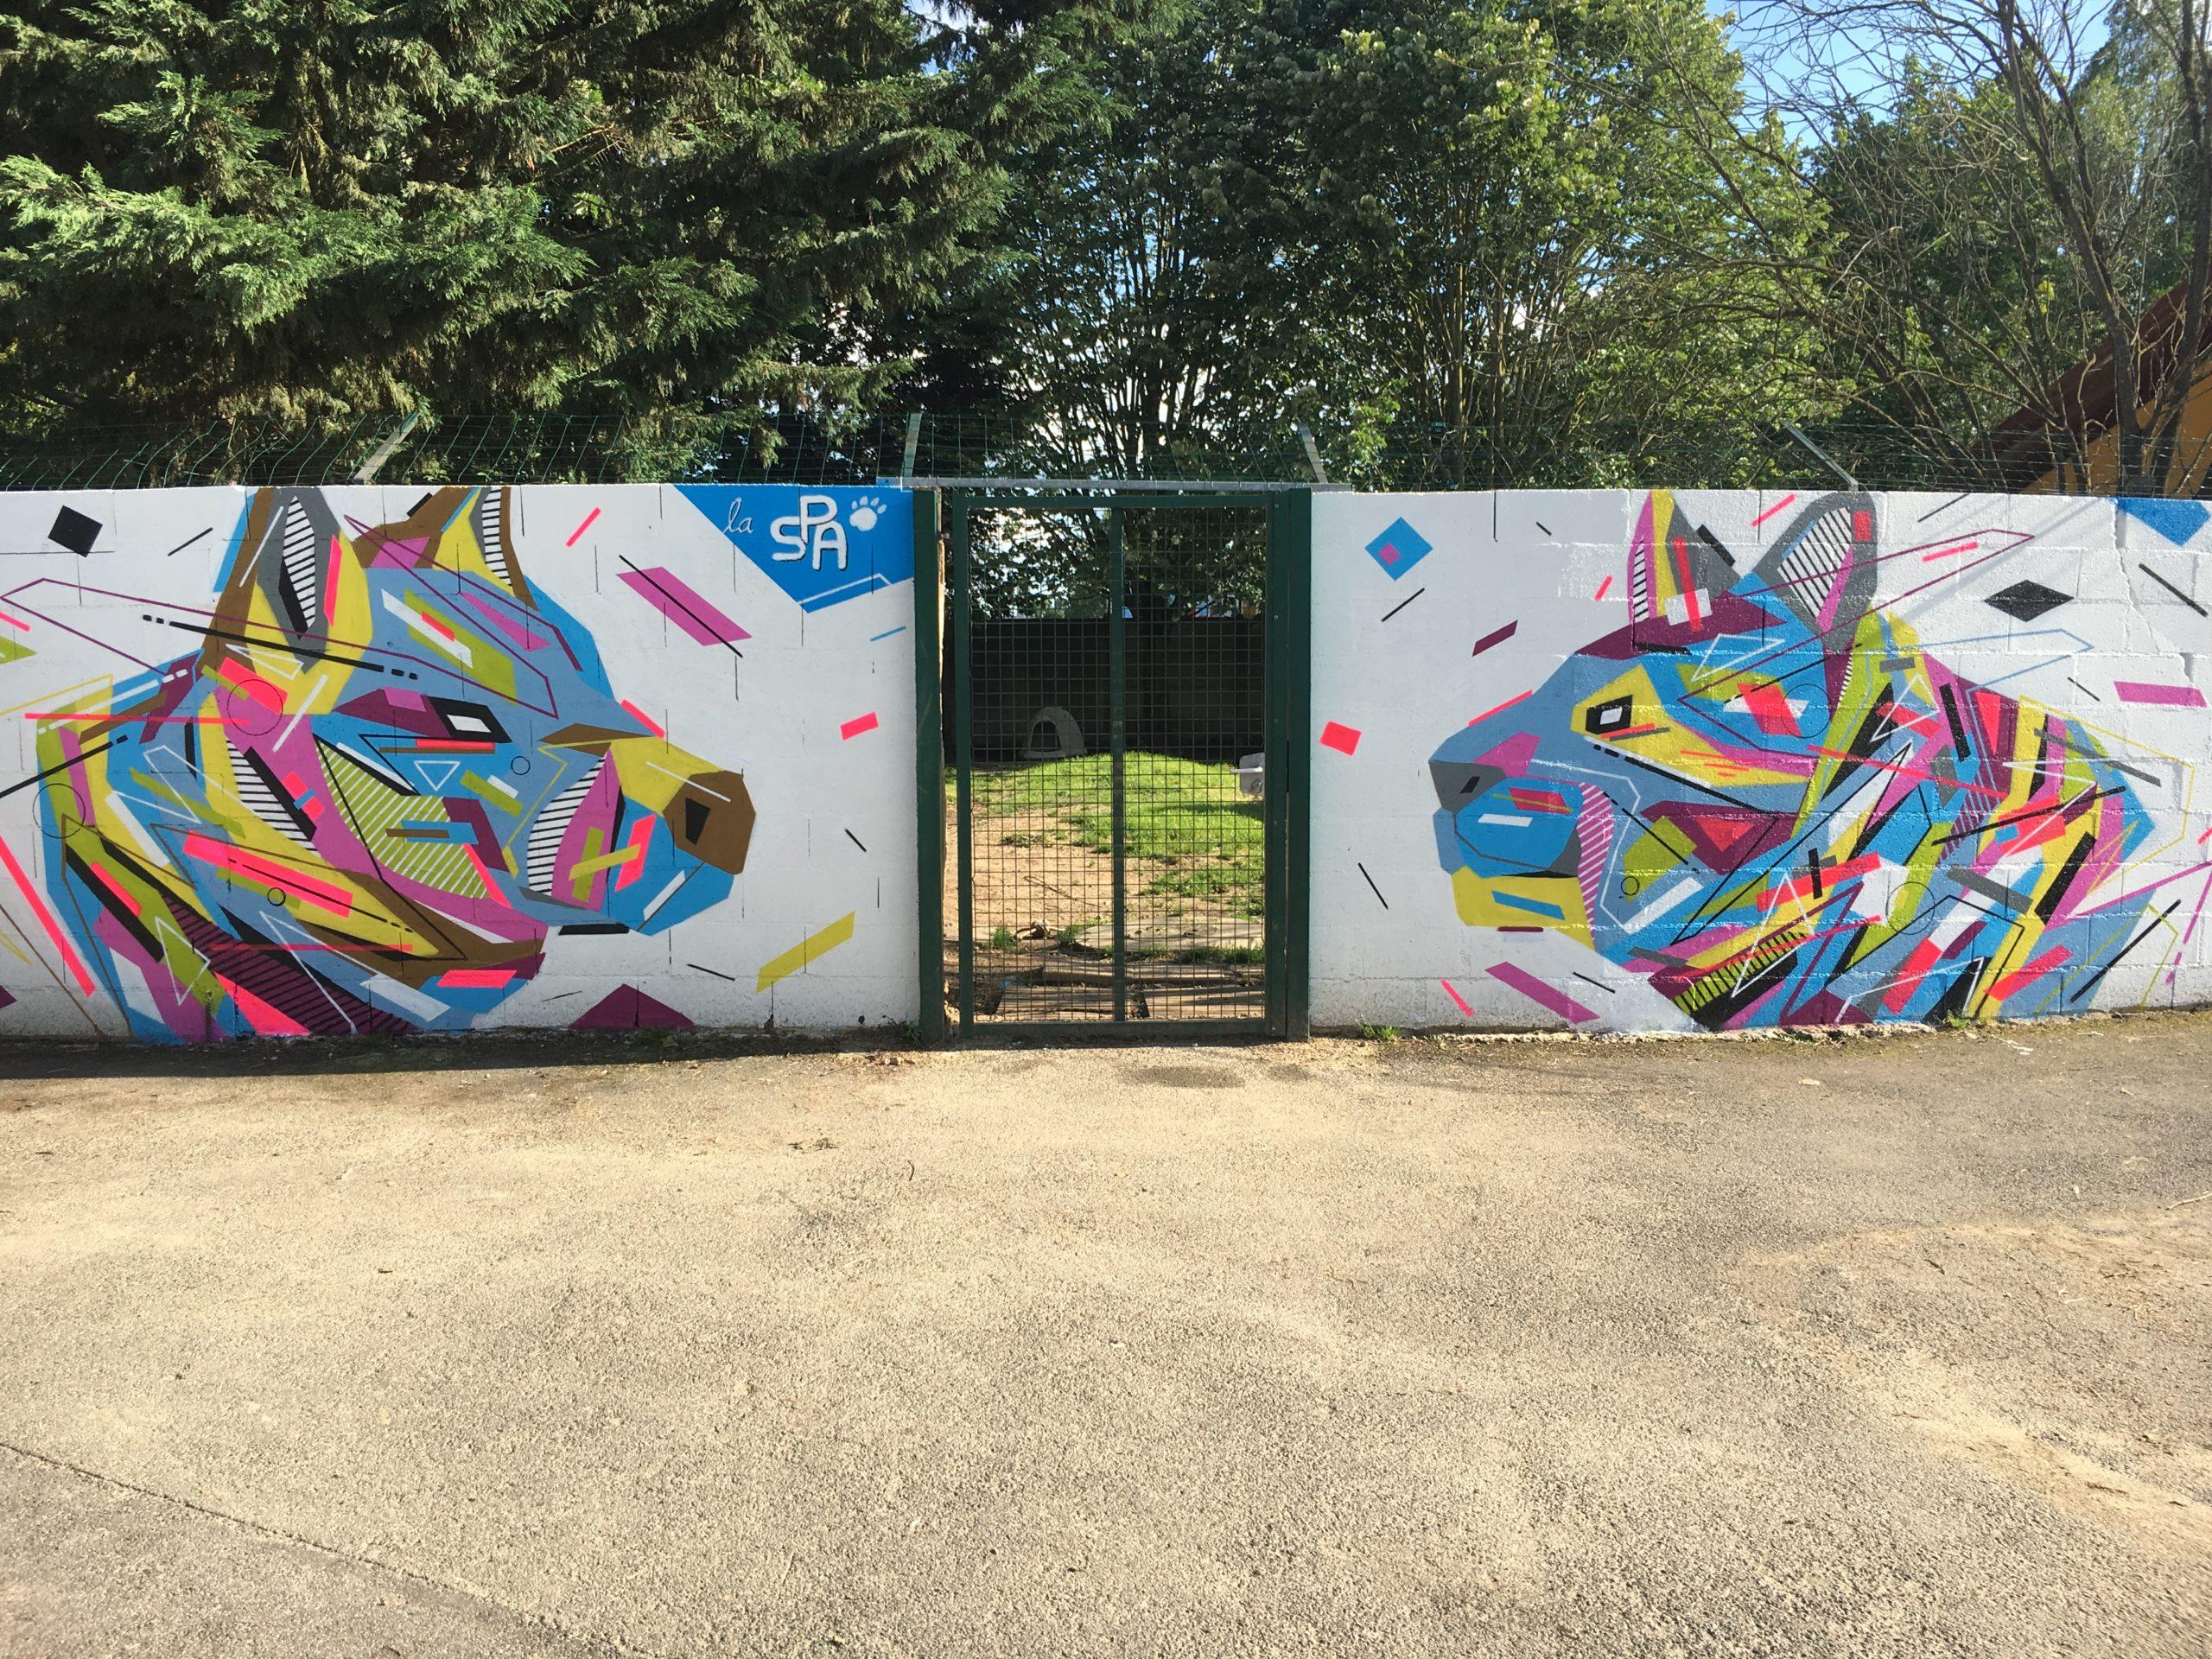 Fresque Graffaune Graffiti chien et chat réalisée par Daco